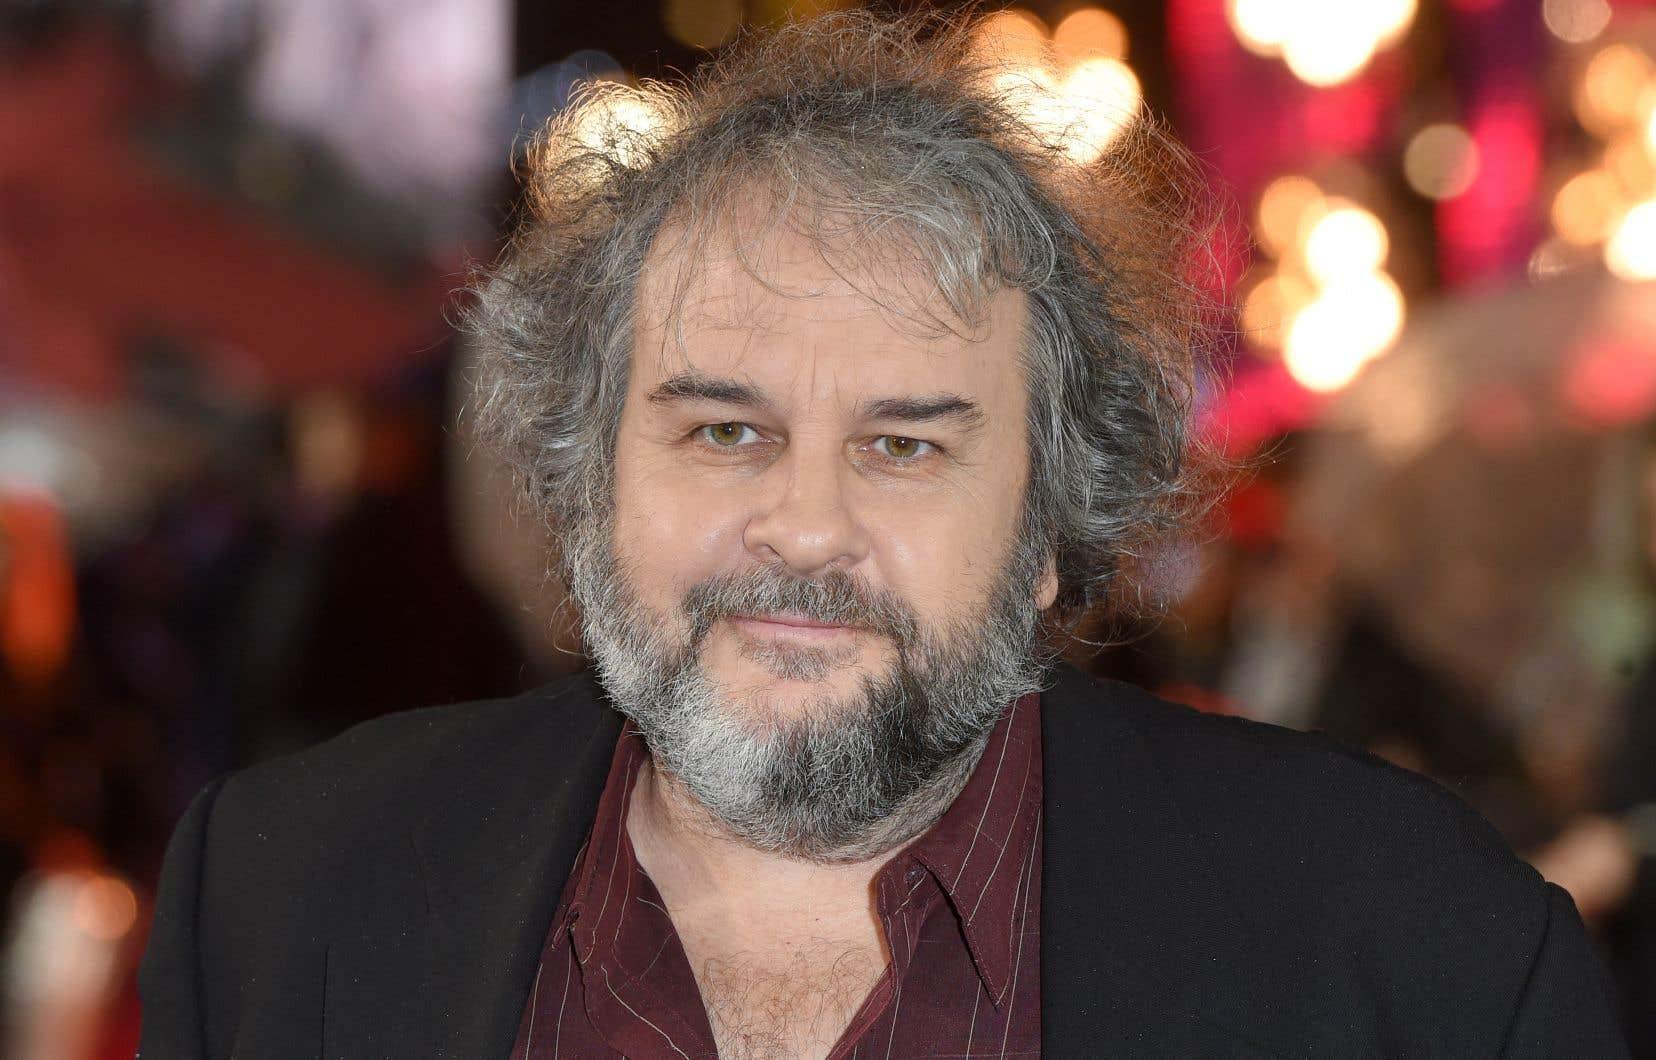 Le réalisateur néo-zélandais Peter Jackson réalisera un documentaire sur les Beatles, sur la base d'épreuves vidéo et de pistes audio inédites.